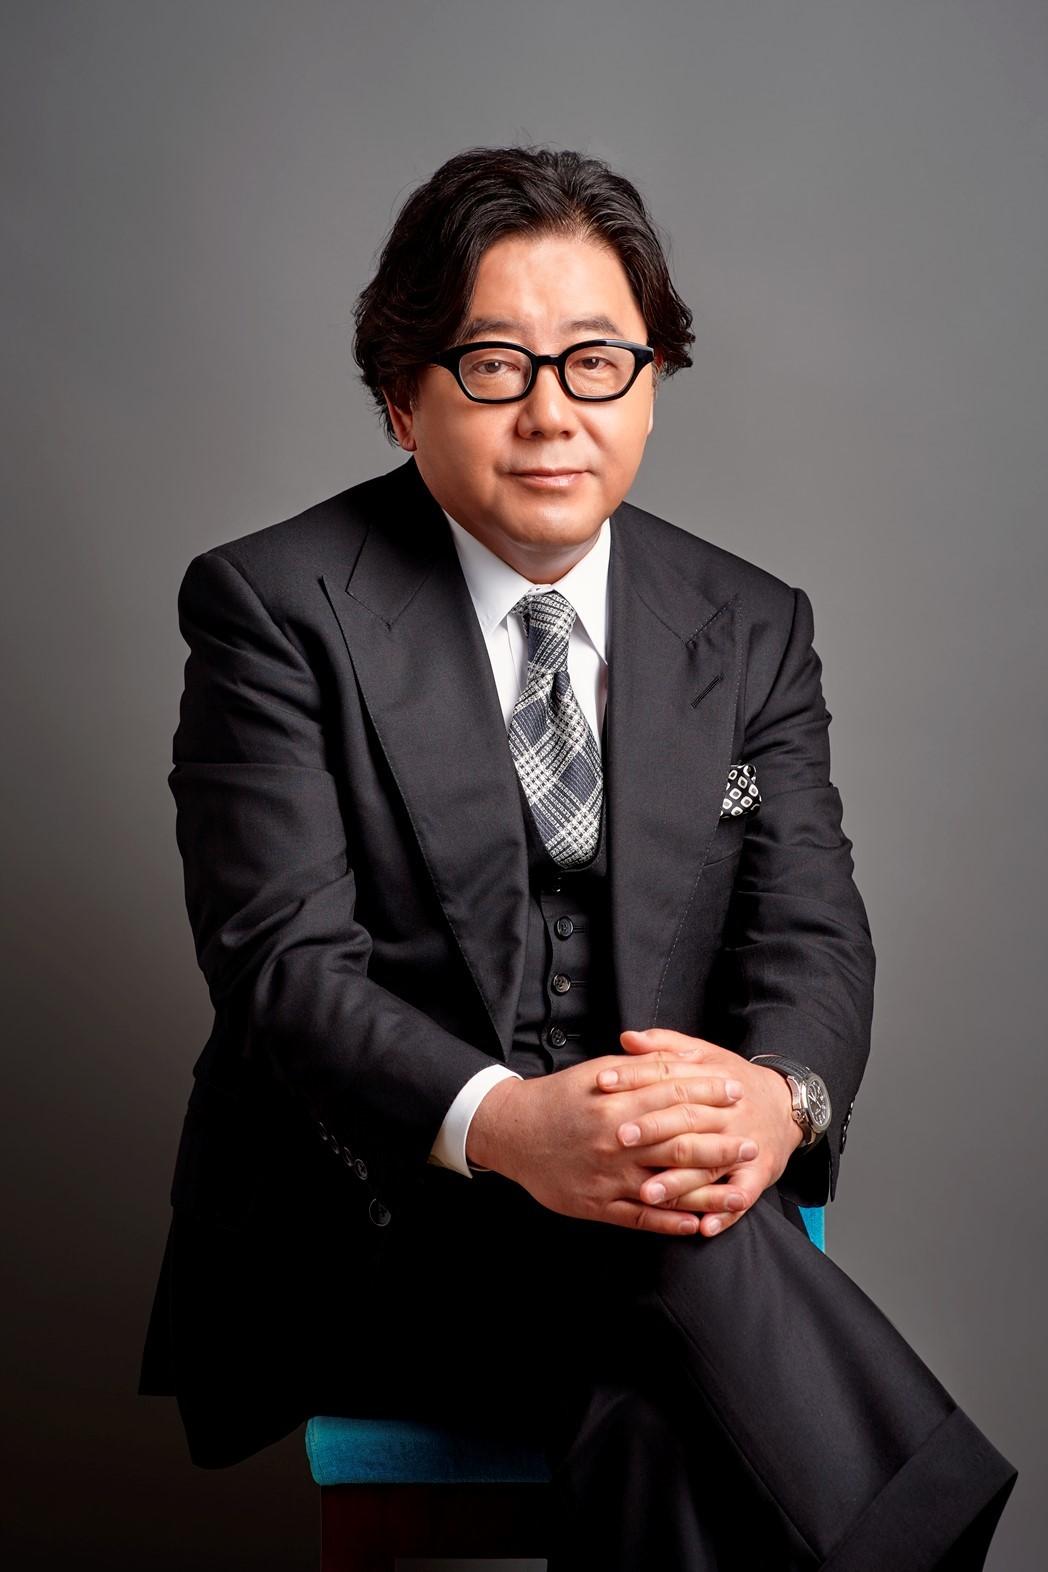 『イノベーショントーク』ゲスト 秋元康客員教授